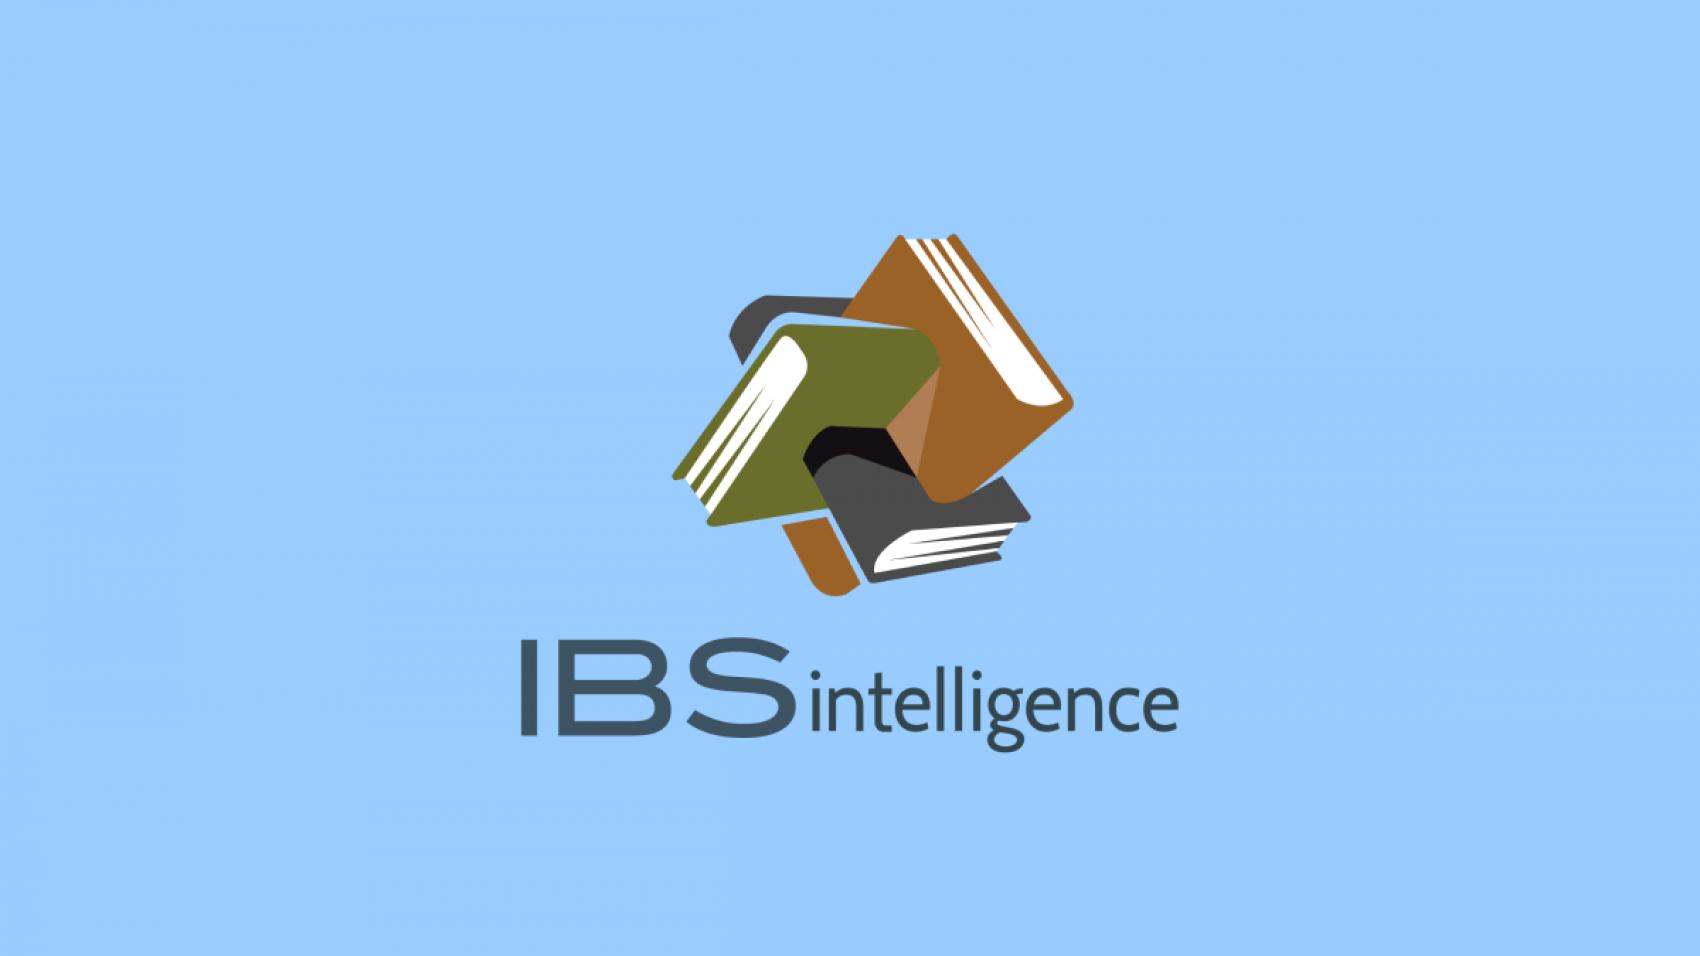 IBS Intelligence Workiva Newsroom